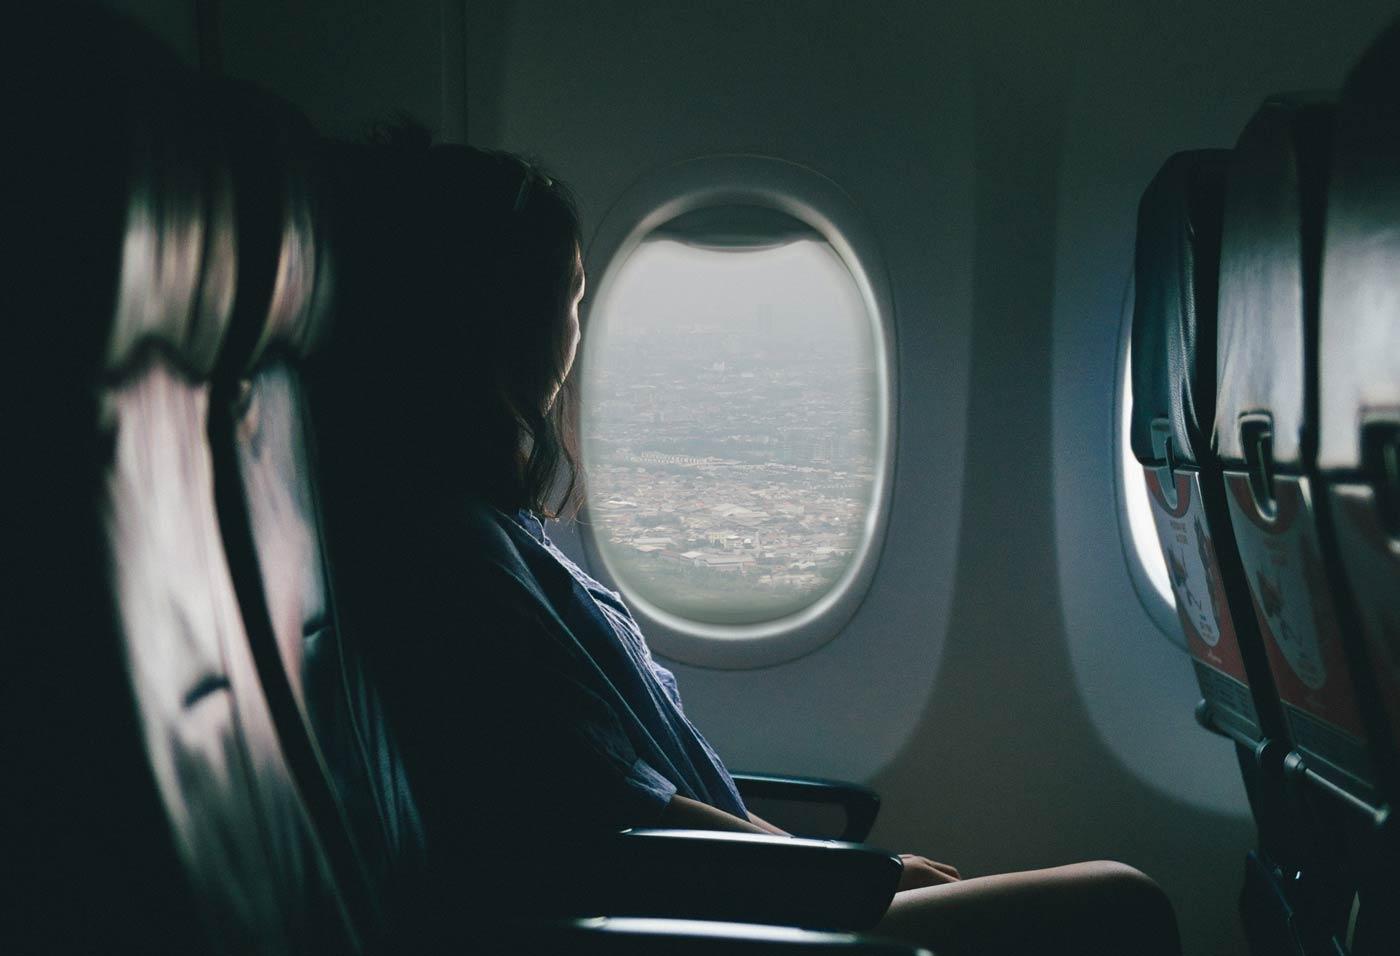 Martinez-Cue - Beneficios para expatriados y desplazados